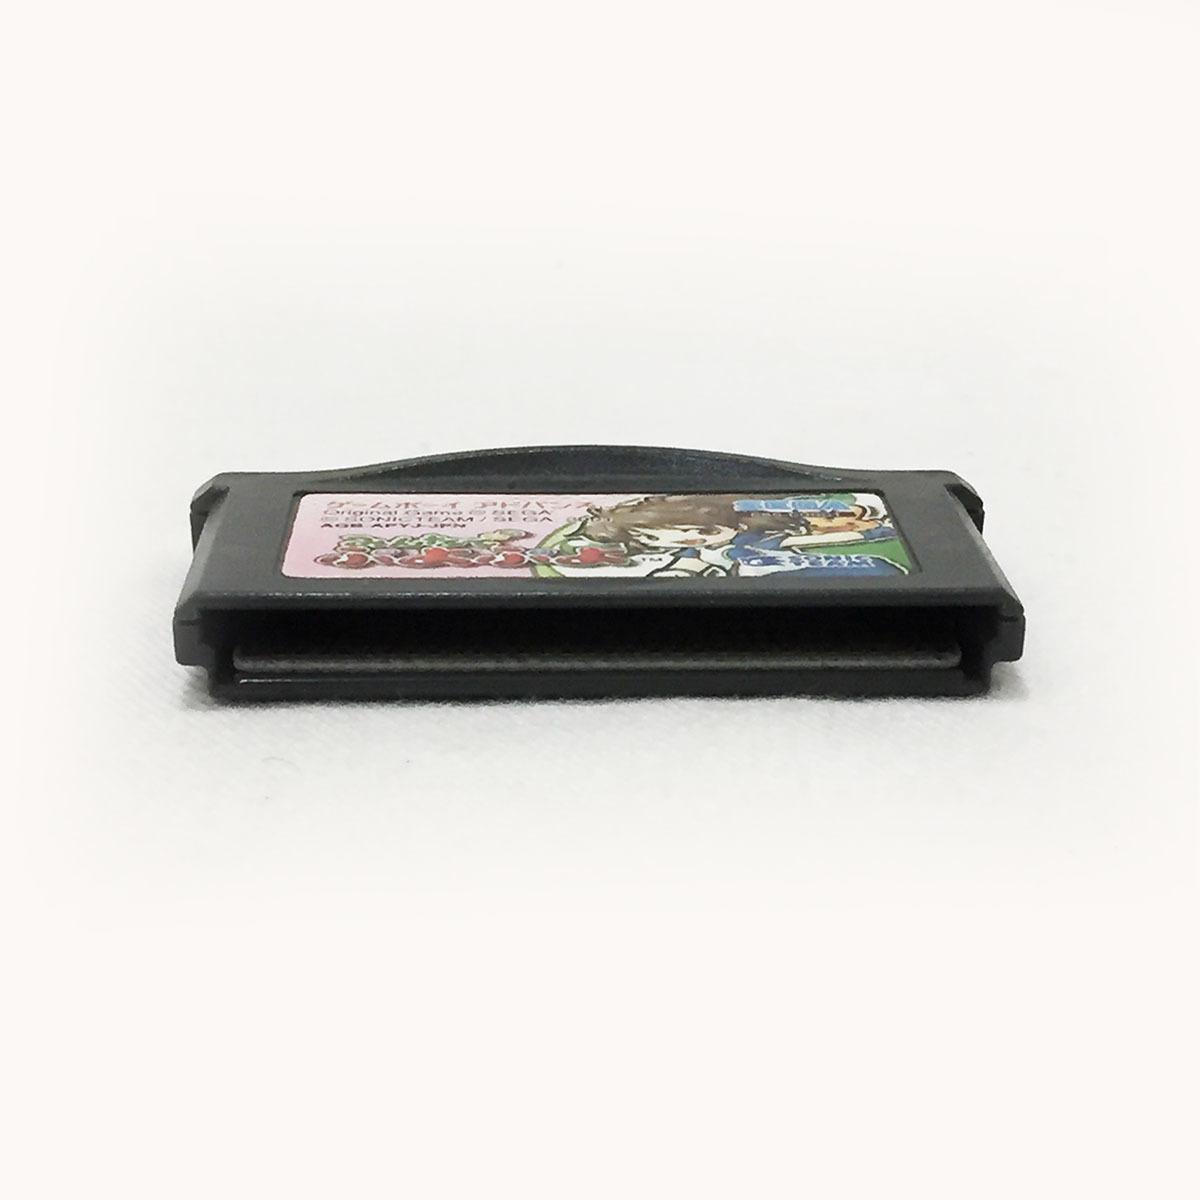 ゲームボーアドバンス用 ソフト みんなでぷよぷよ GAME BOY ADVANCE 携帯ゲーム 箱付 説明書付き パズルゲーム美品 完動品ニンテンドーDS